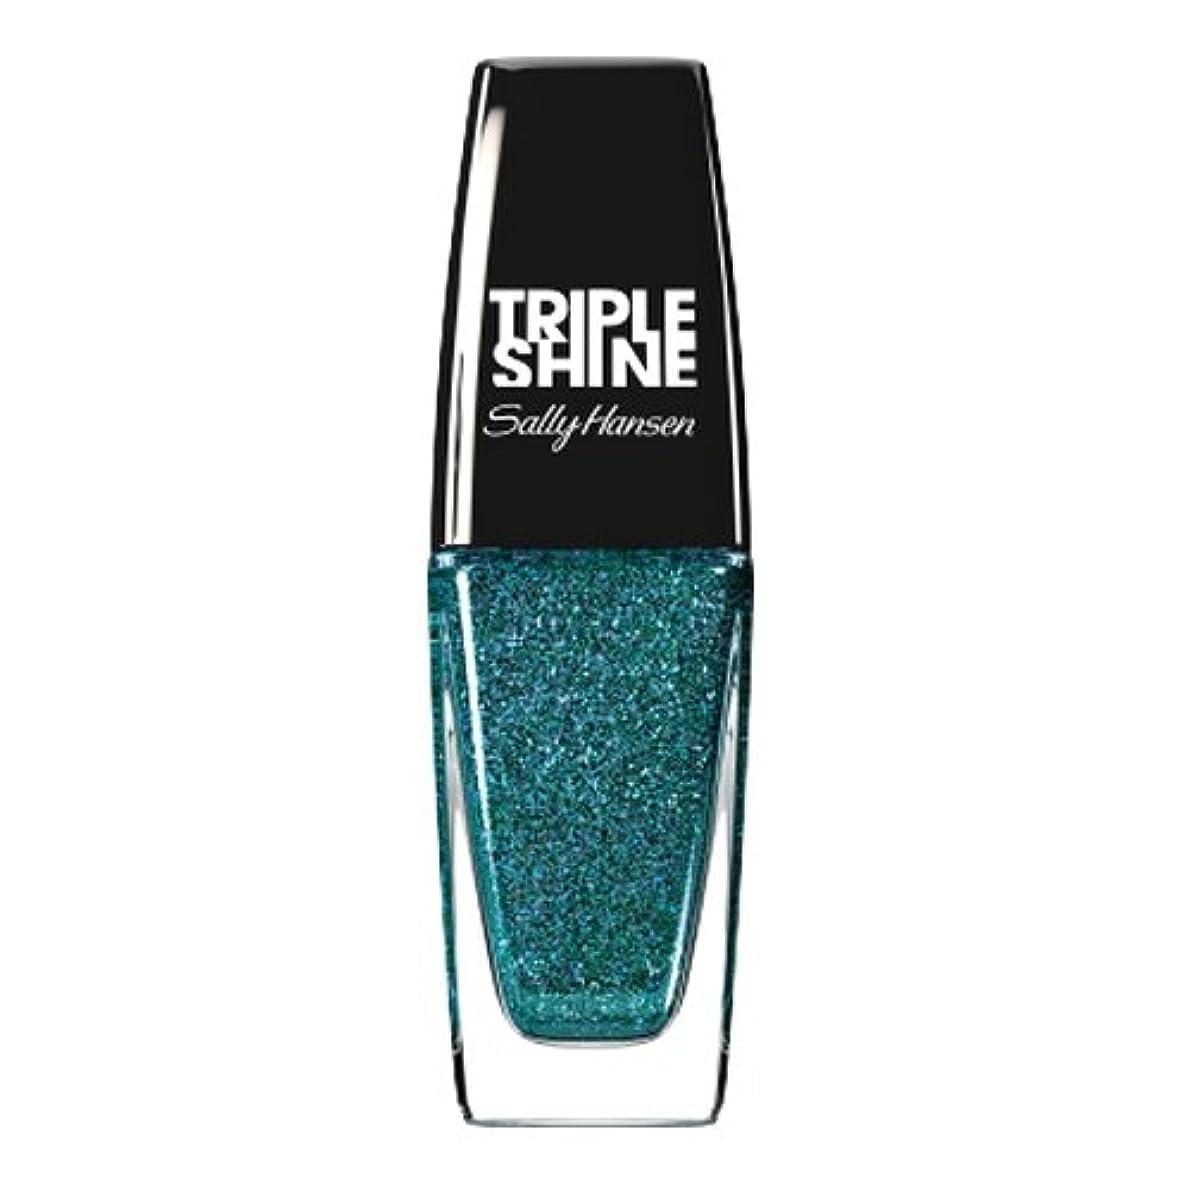 蒸留球状見るSALLY HANSEN Triple Shine Nail Polish - Sparkling Water (並行輸入品)